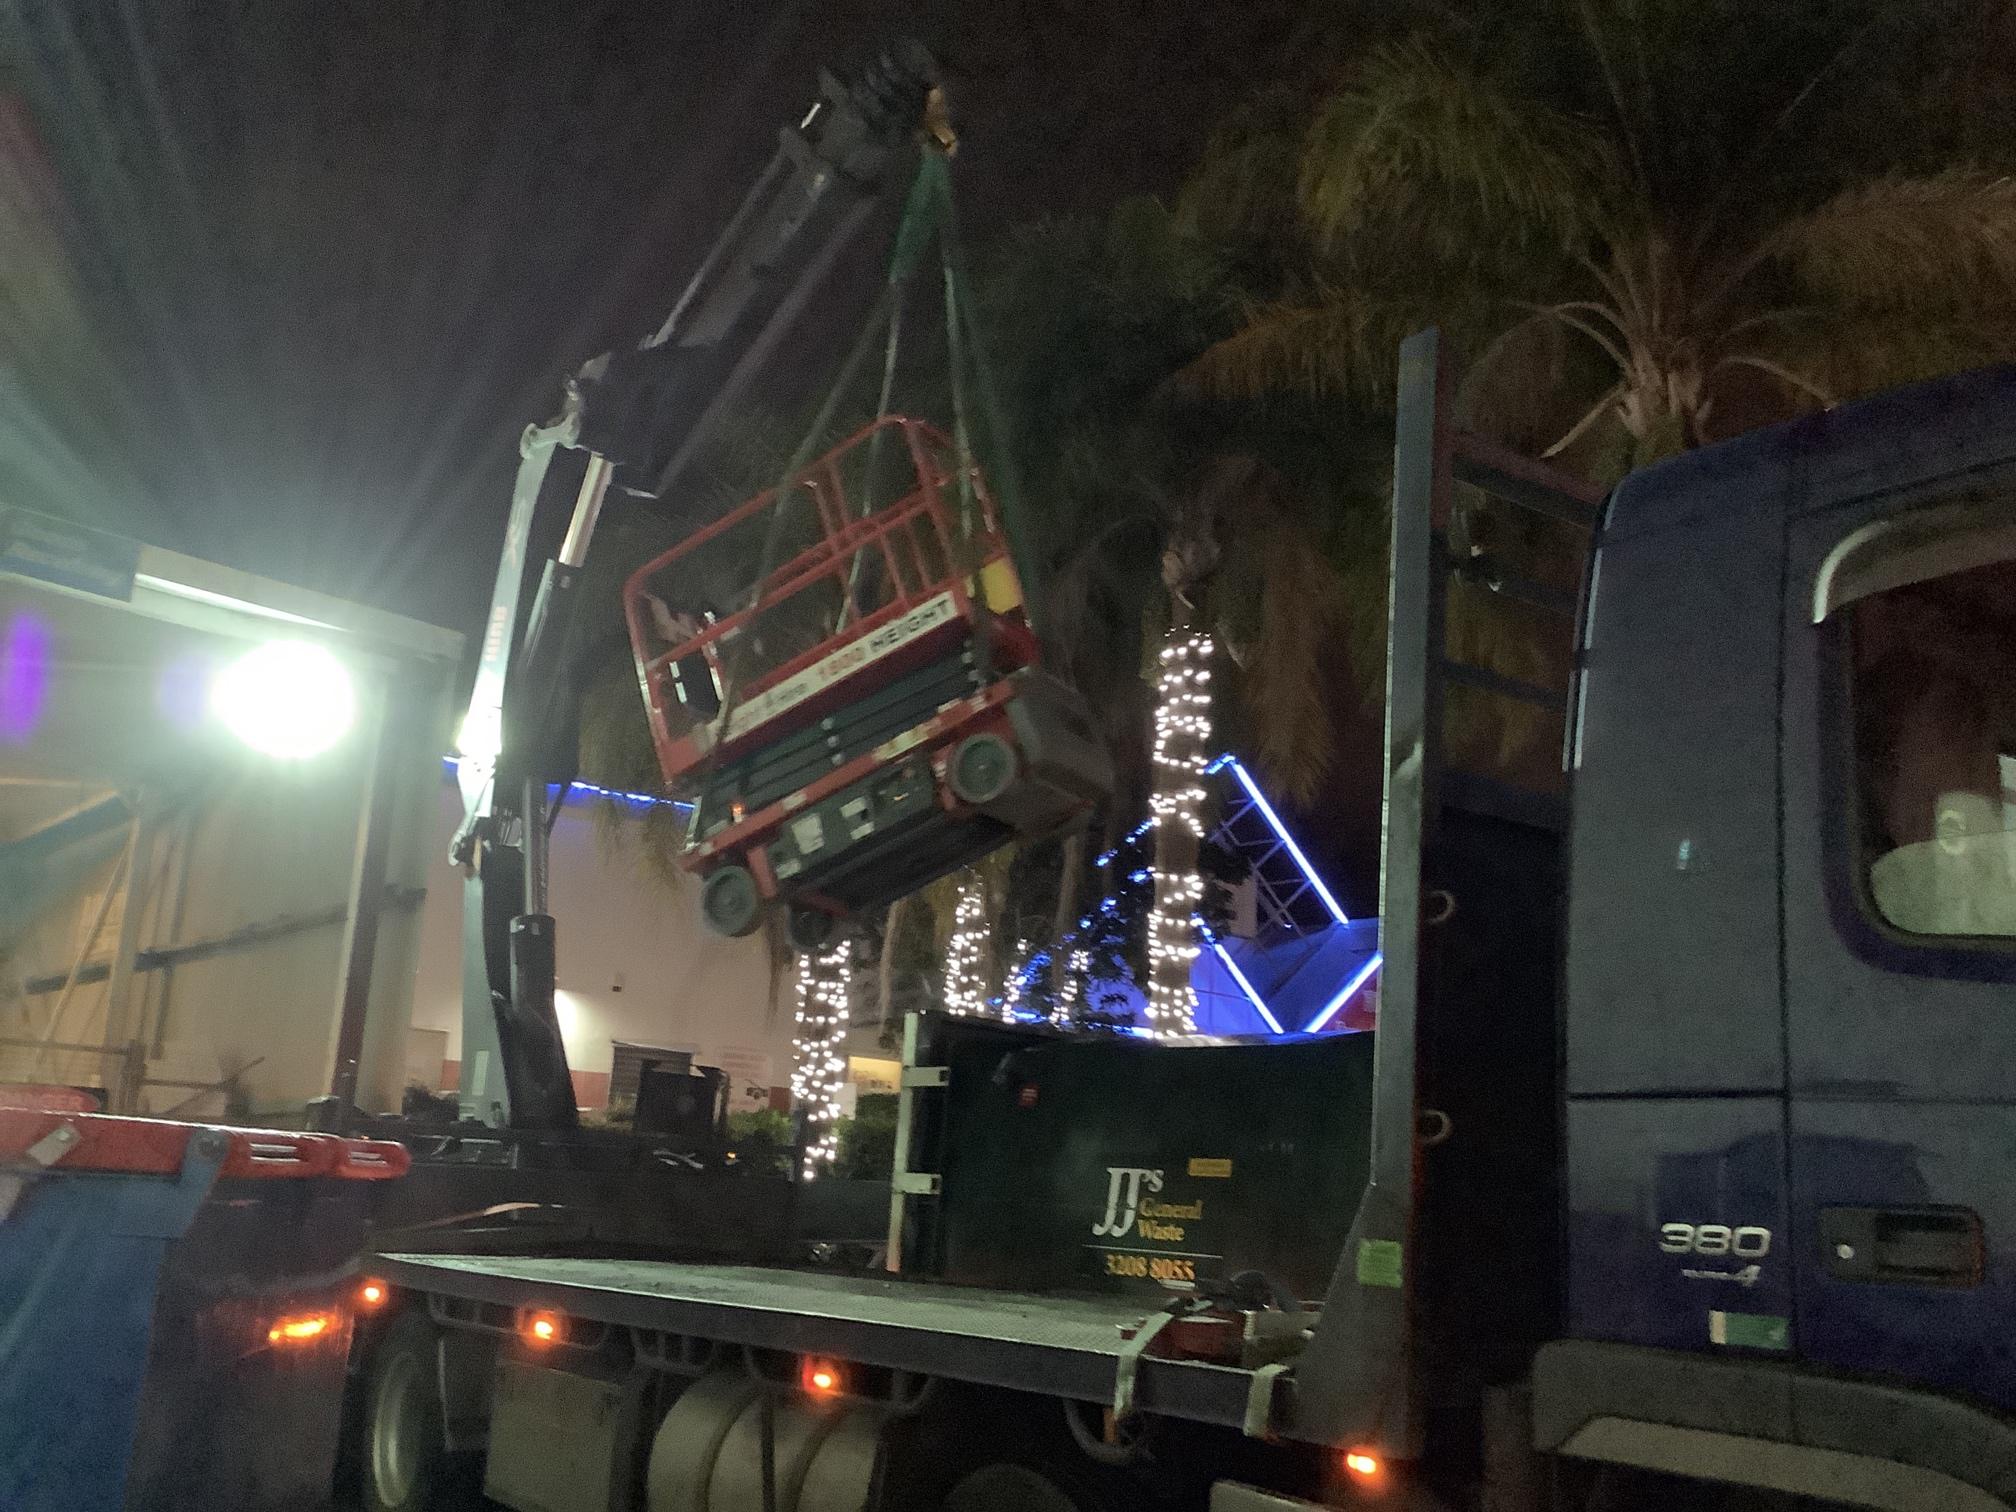 hired crane truck lifts fallen scissor